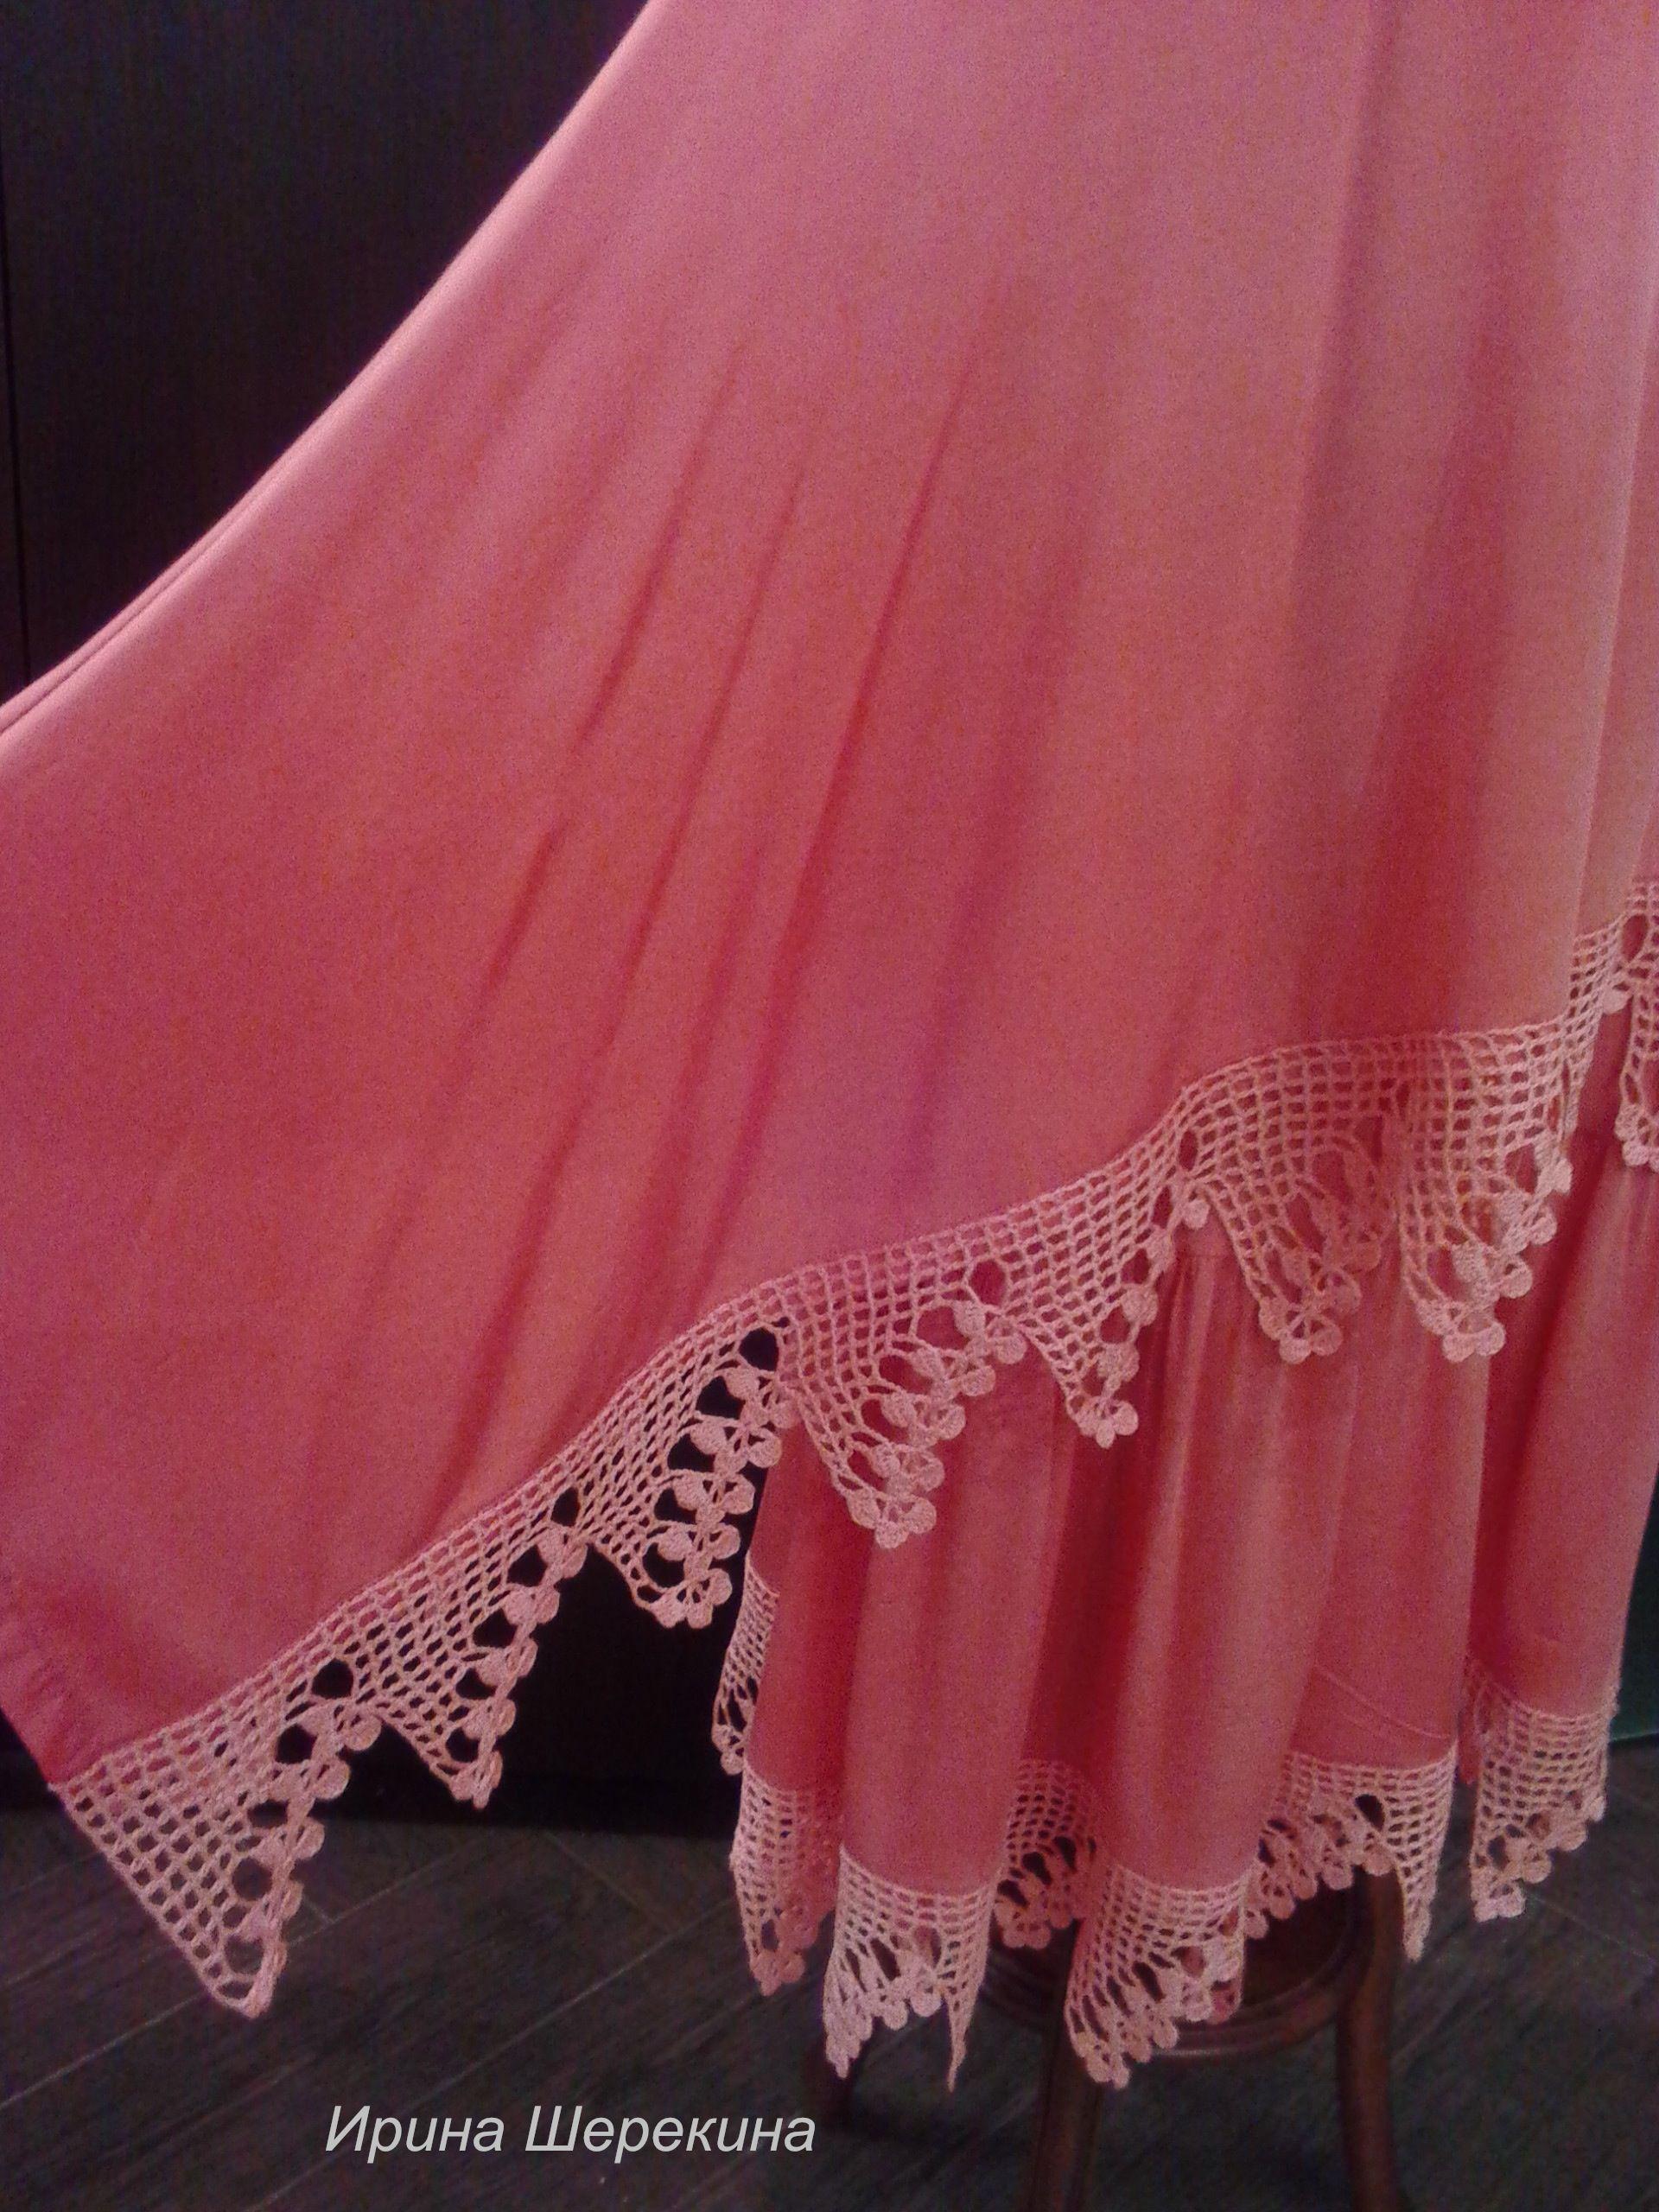 эксклюзивная одежда кардиган вязание блуза кружево винтаж оригинальная кофта юбка жилет